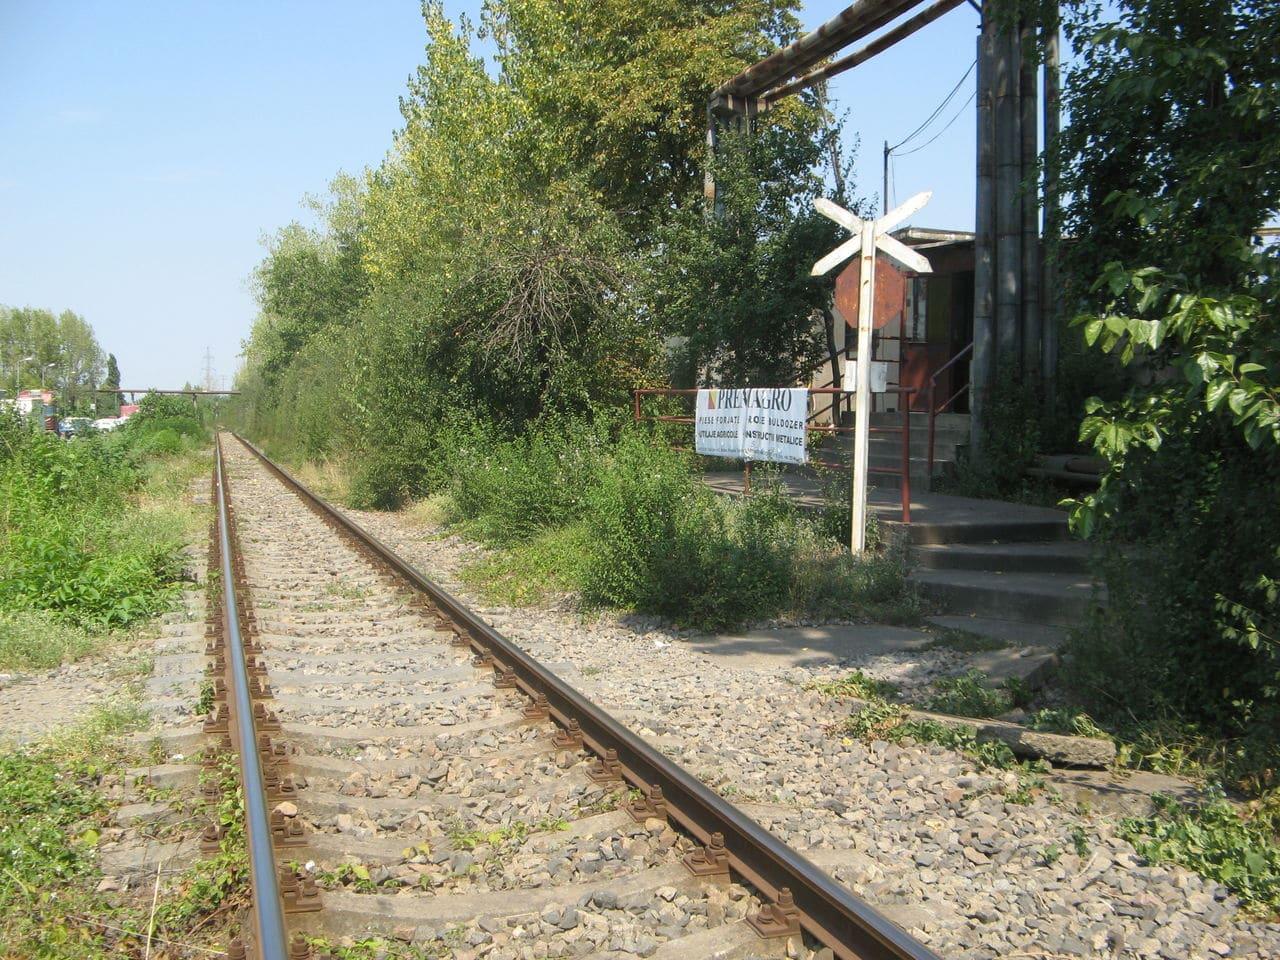 Calea ferată directă Oradea Vest - Episcopia Bihor IMG_0046